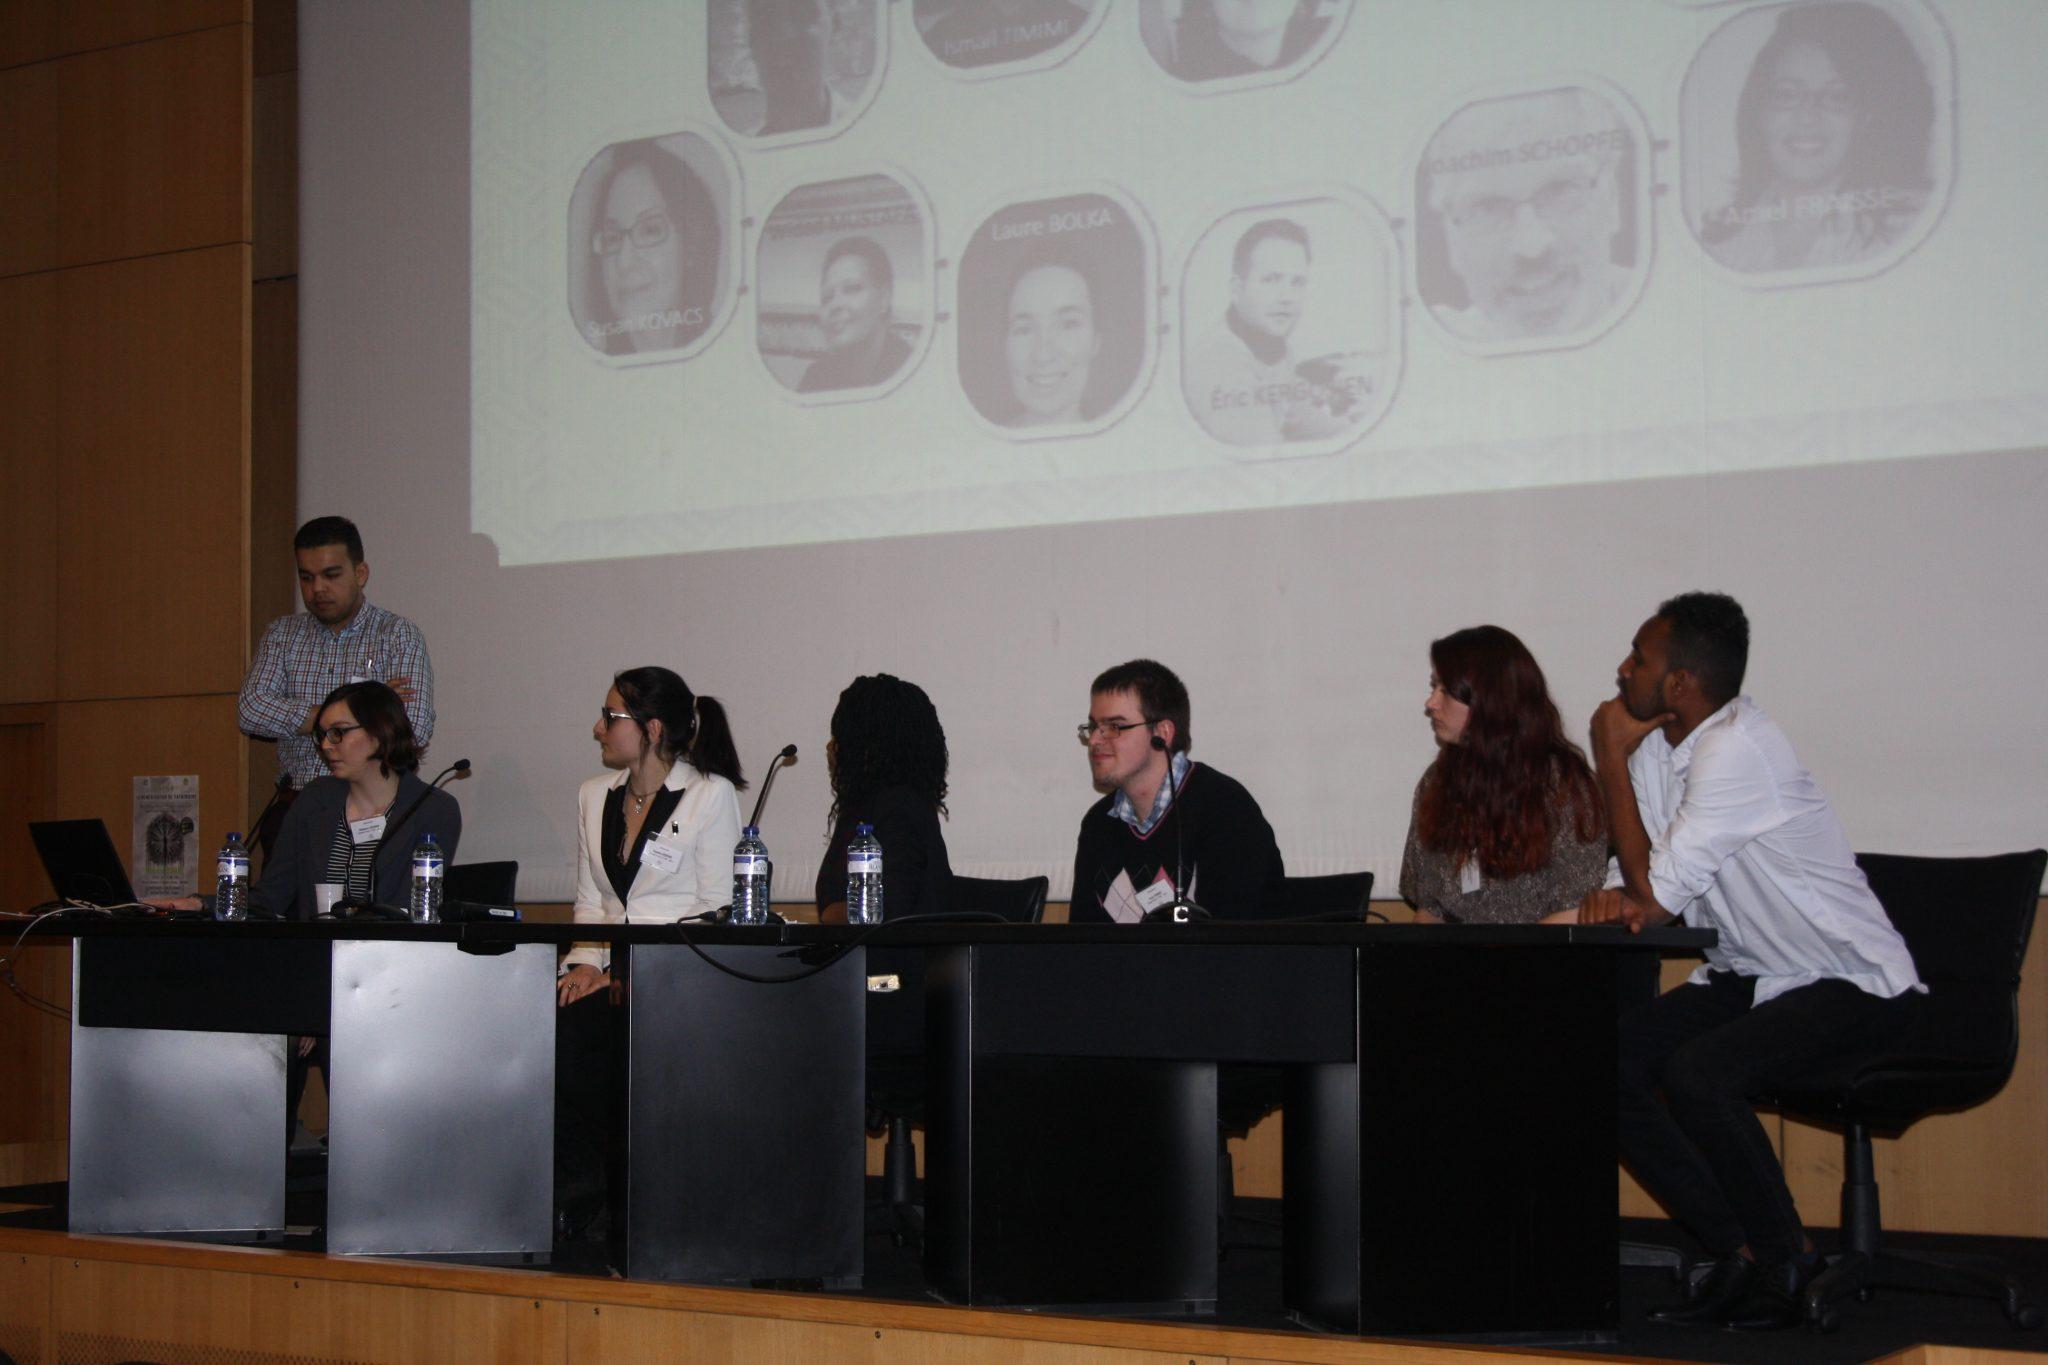 Une présentation lors de la journée EGIDE'17